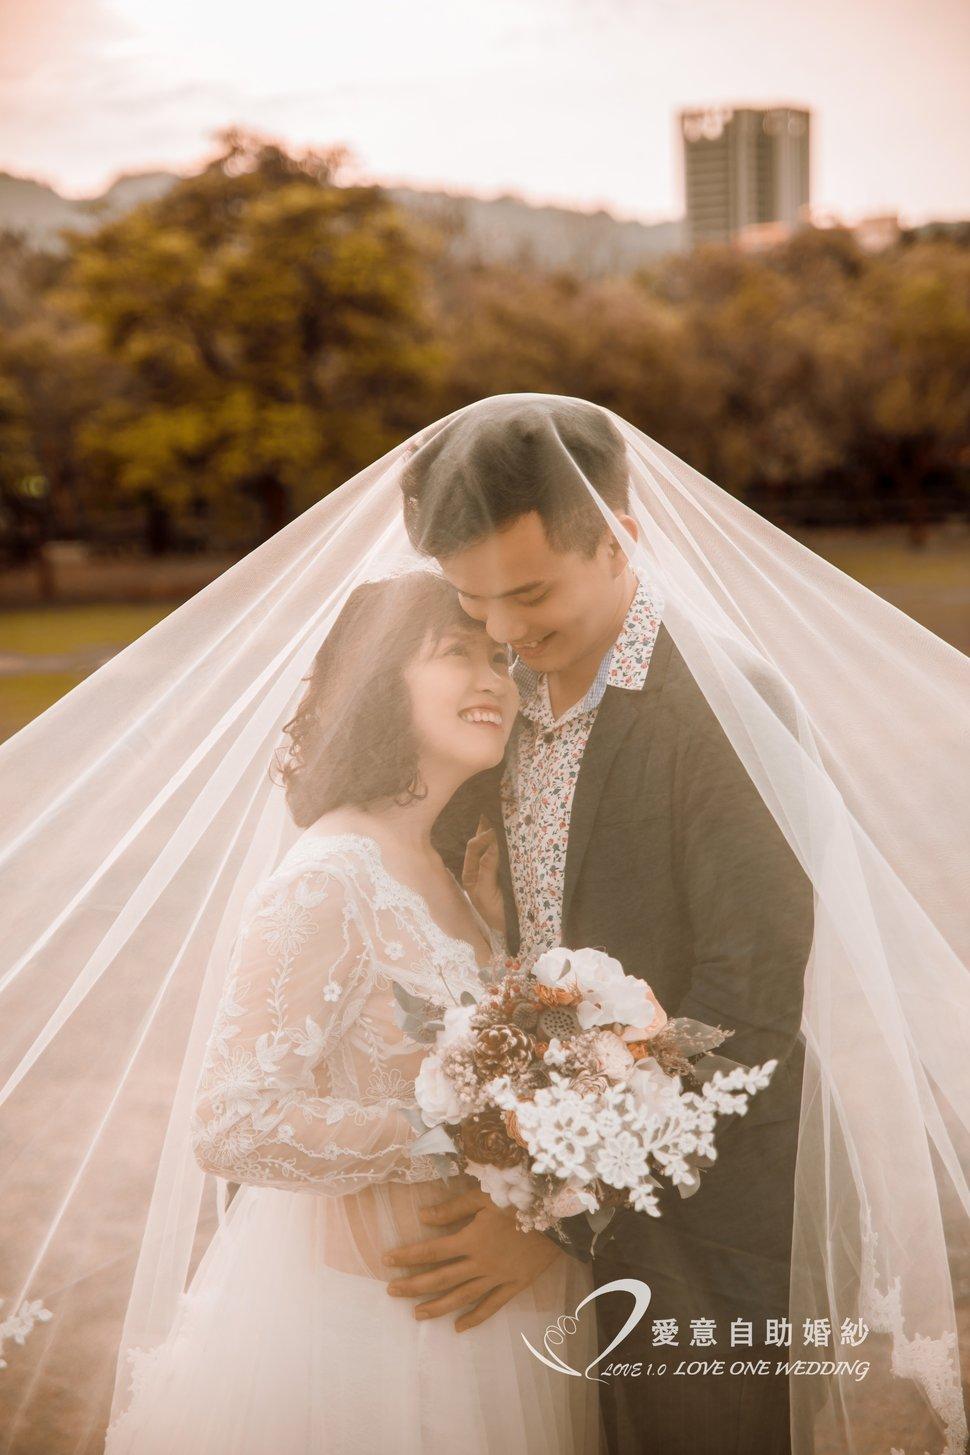 高雄愛意孕婦寫真推薦1037 - 高雄婚紗愛意婚紗攝影工作室《結婚吧》